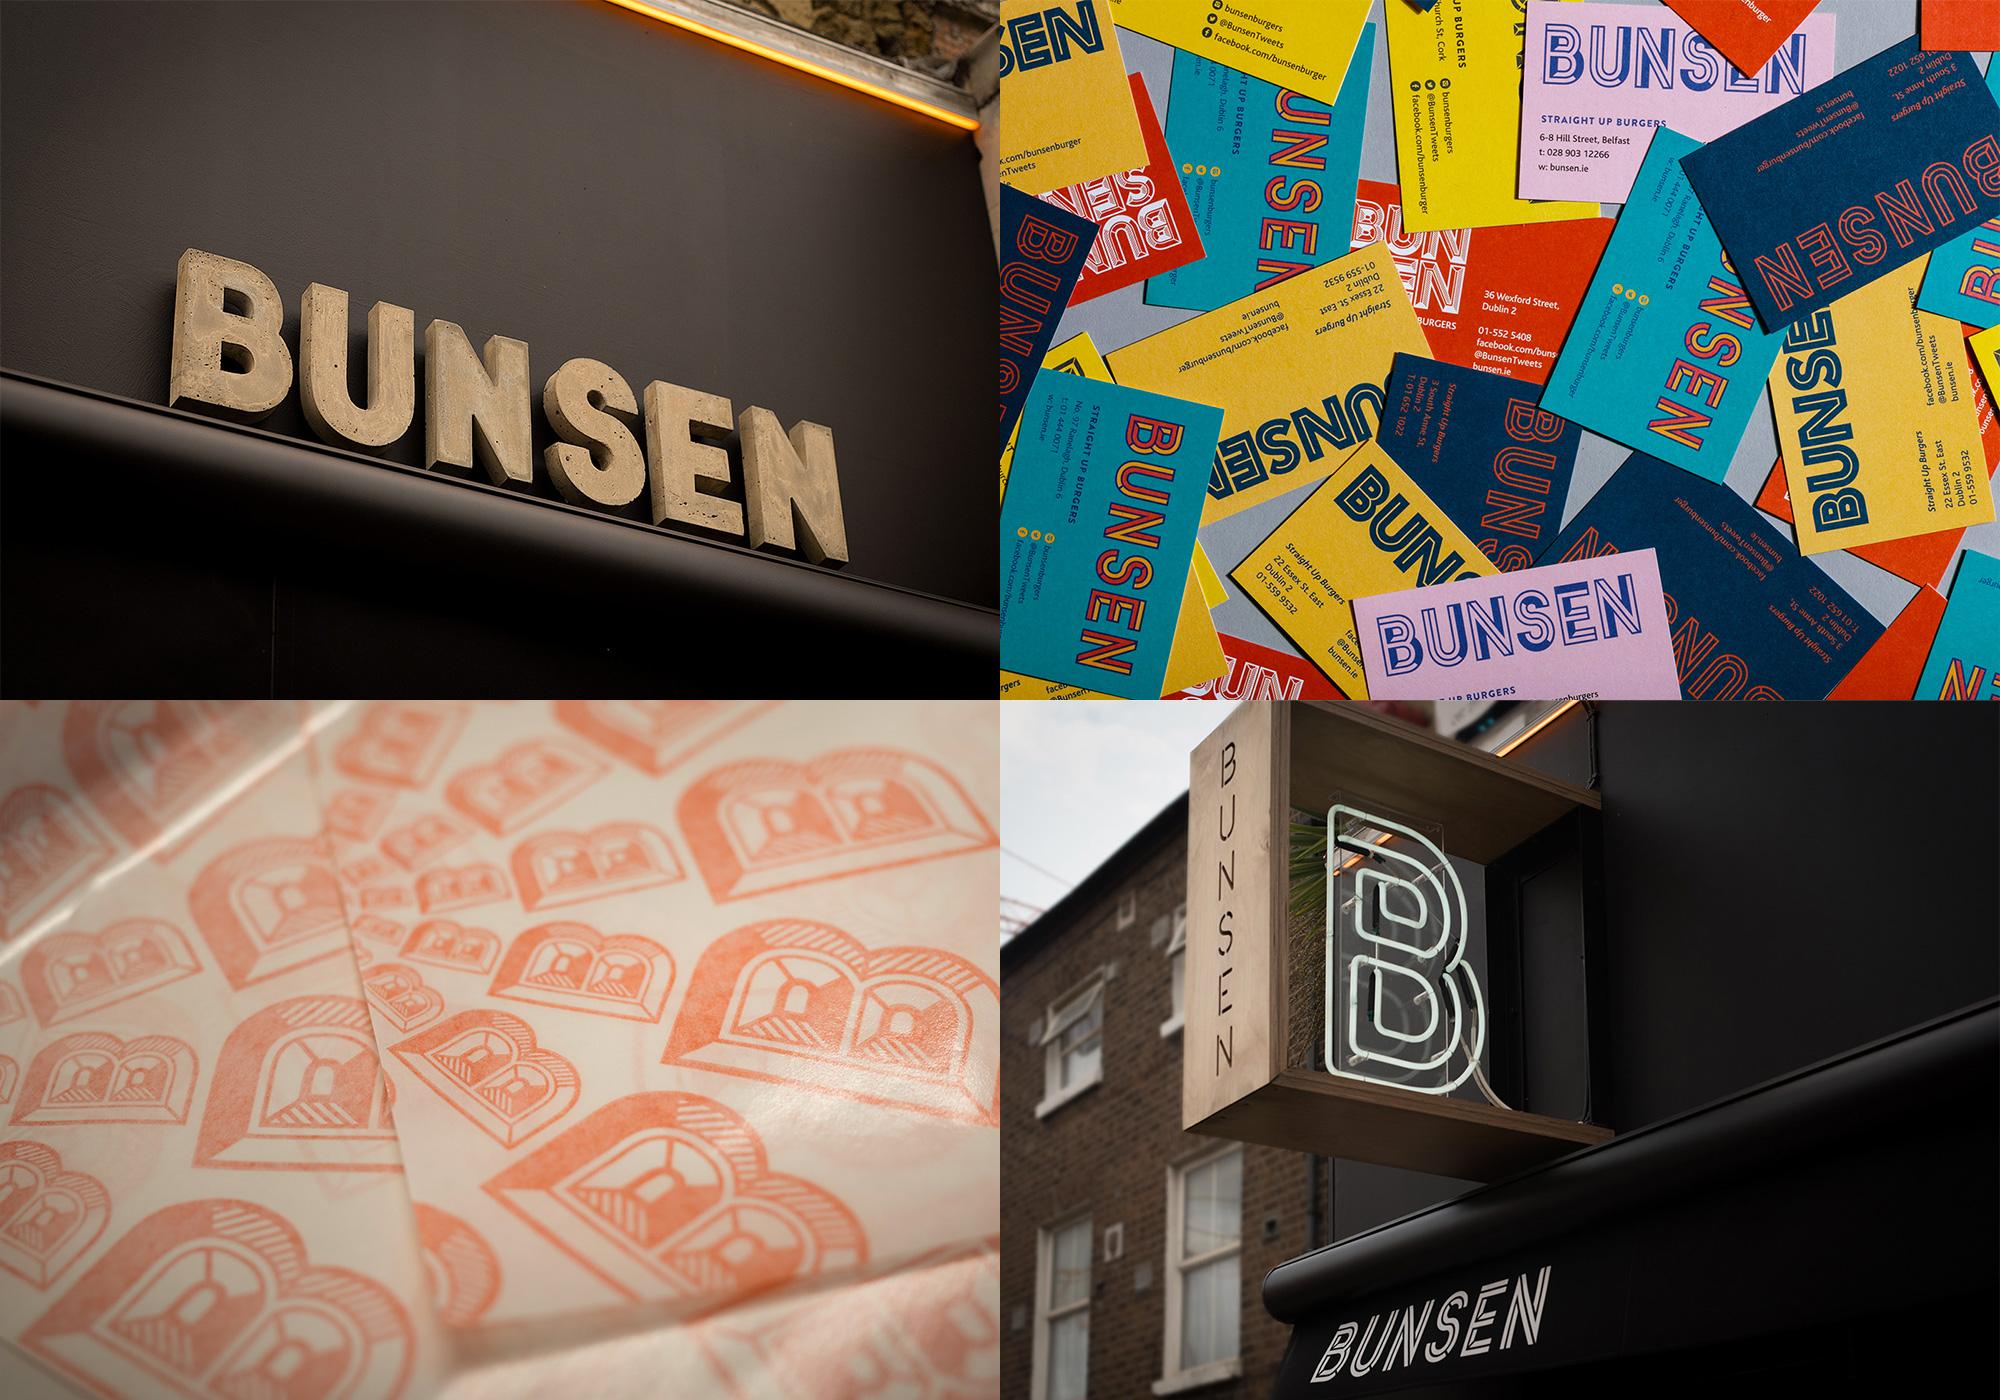 Bunsen by Revert Design